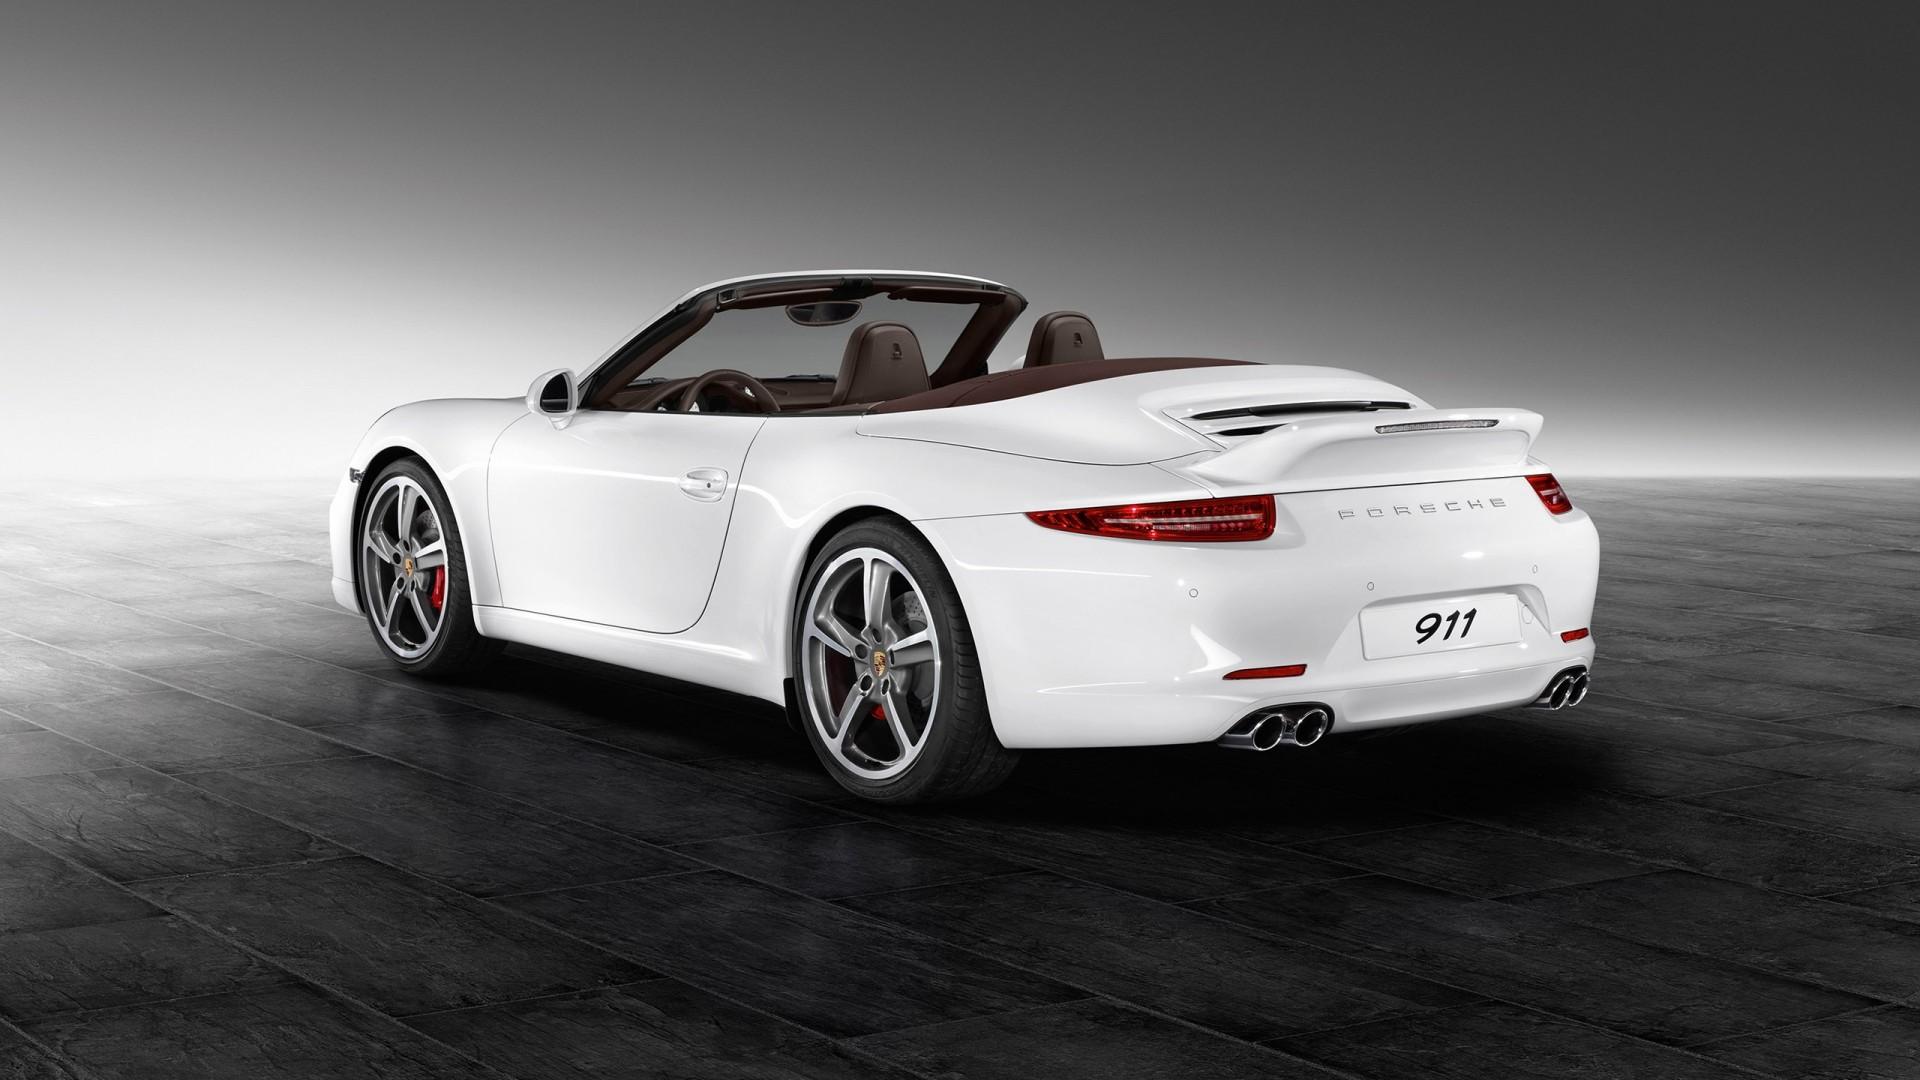 White Cars Convertible White Cars Porsche 911 Porsche 911